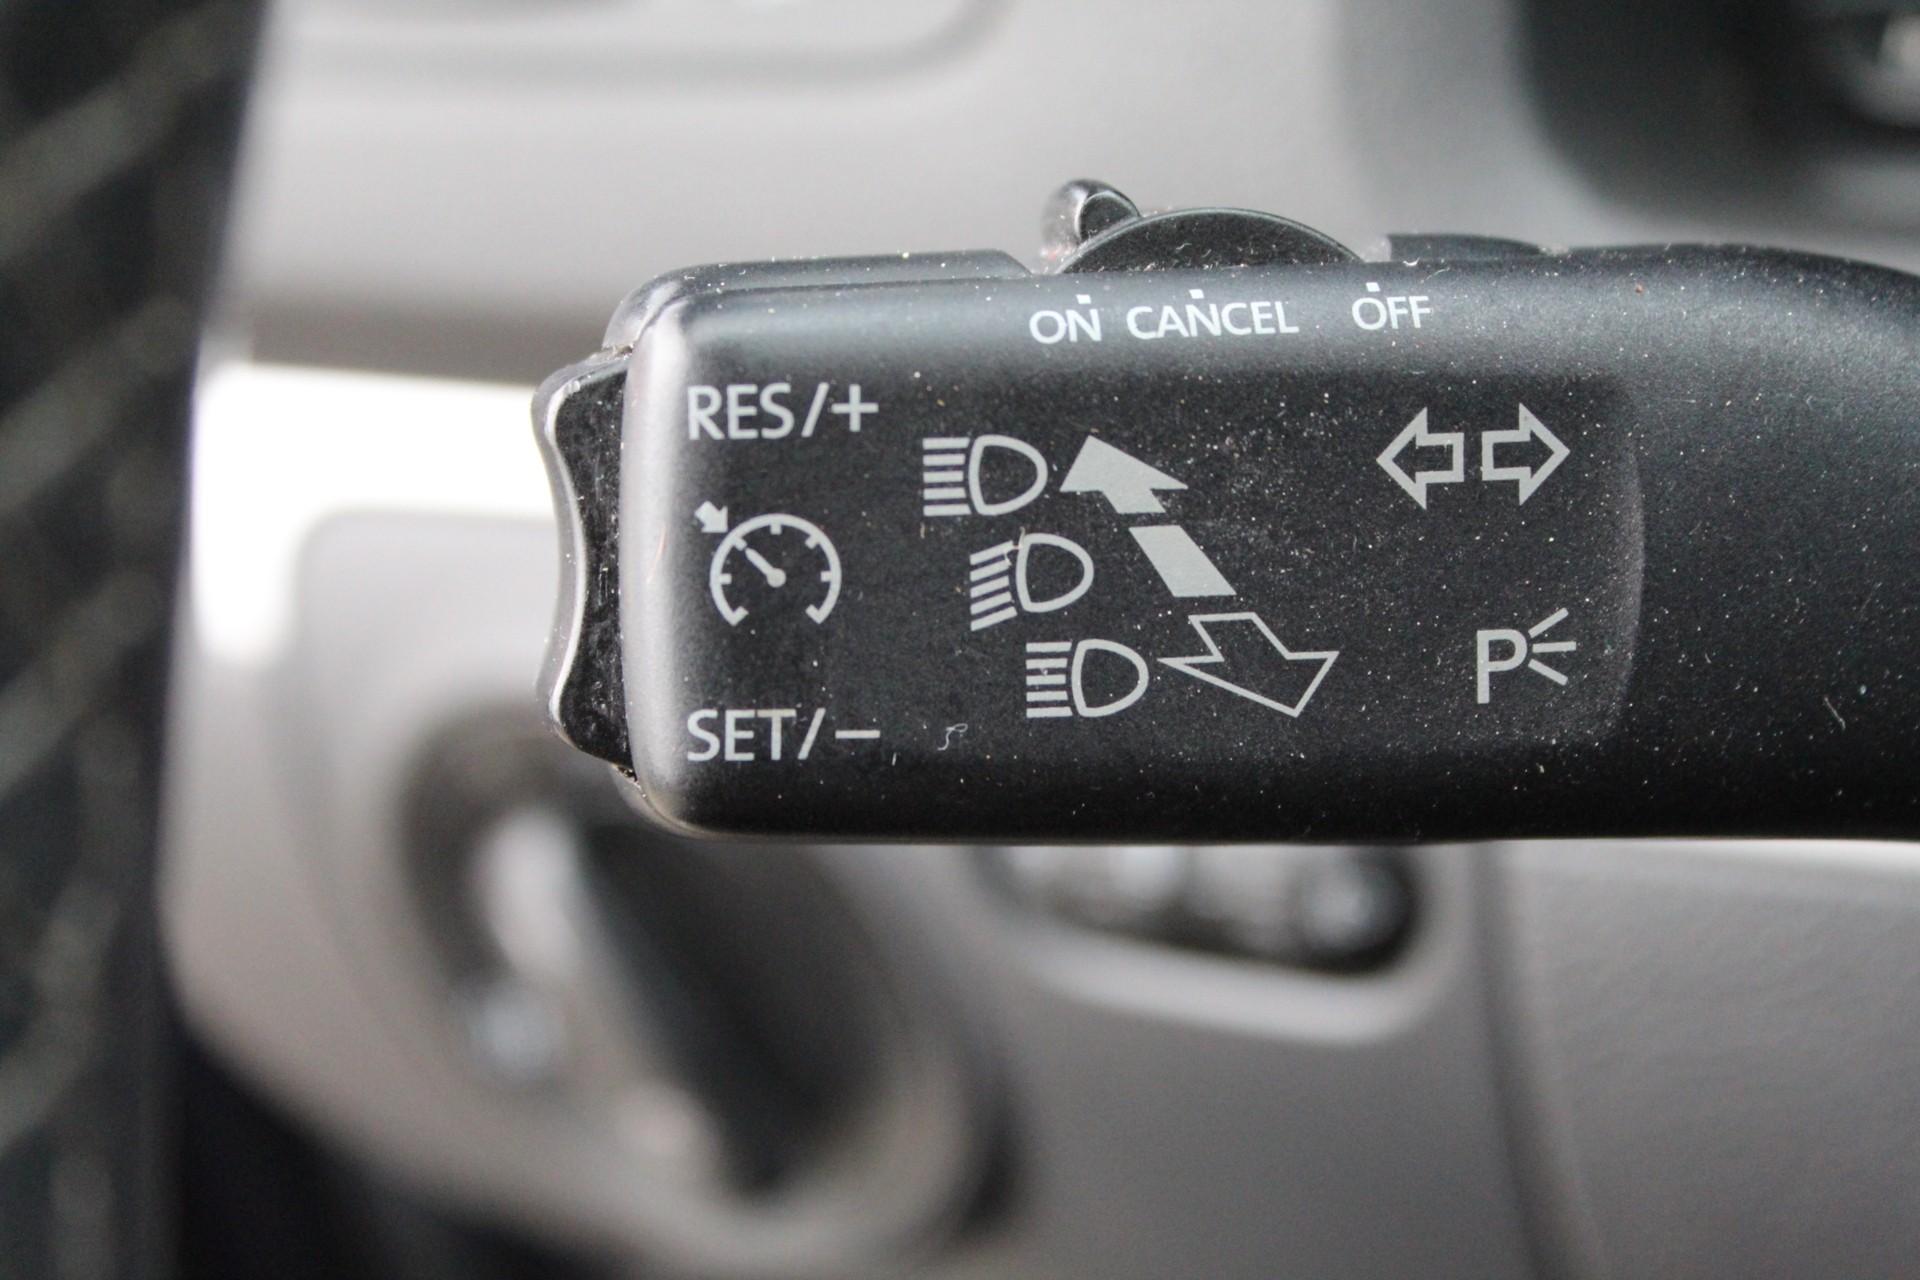 Caroutlet Groningen - Volkswagen Golf 1.9 TDI Comfortline   2008   5 DEURS   AIRCO   CRUISE